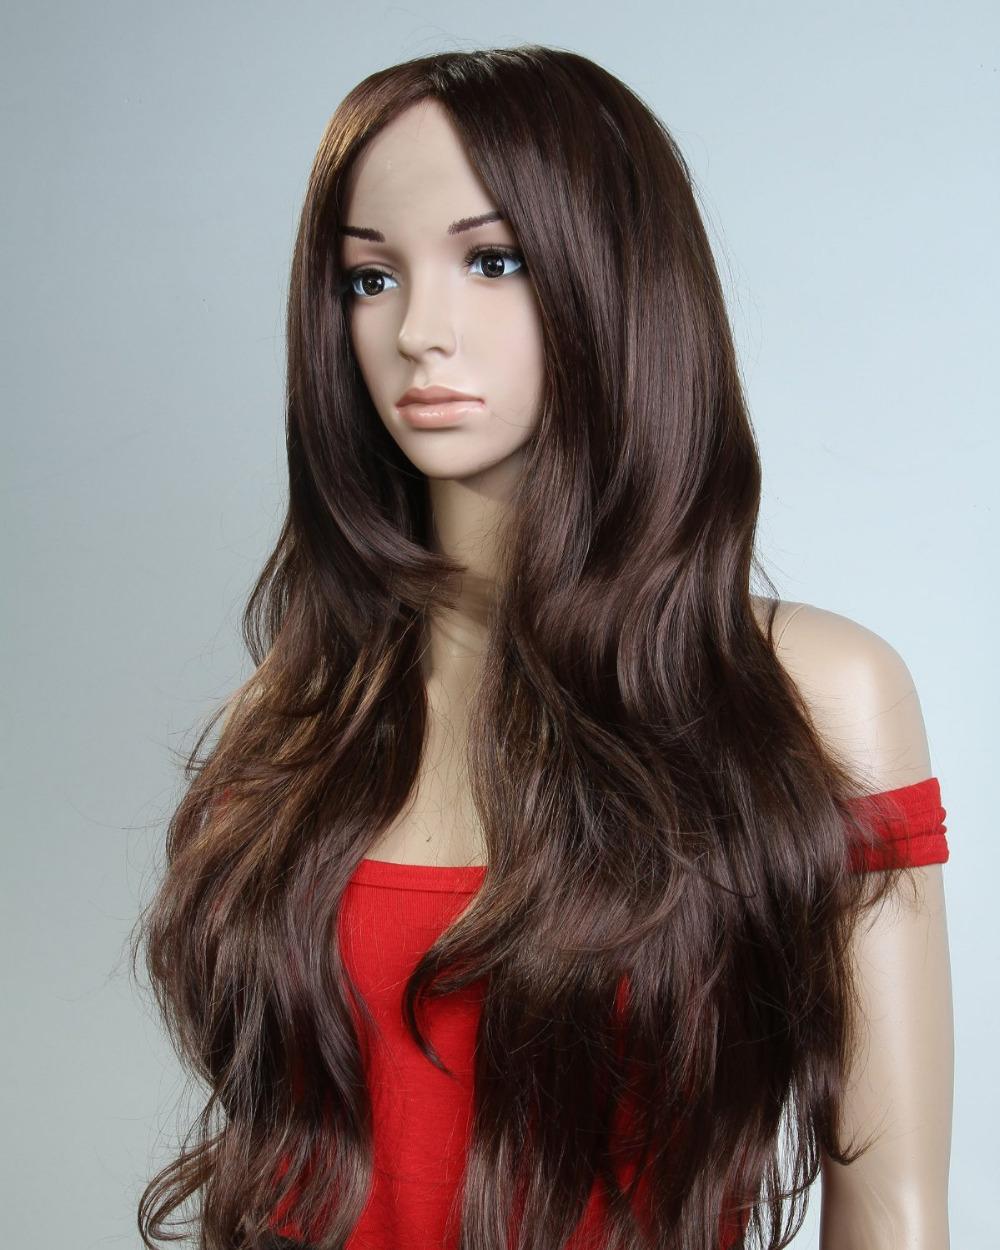 Brown Curly Hair Long Wig 83